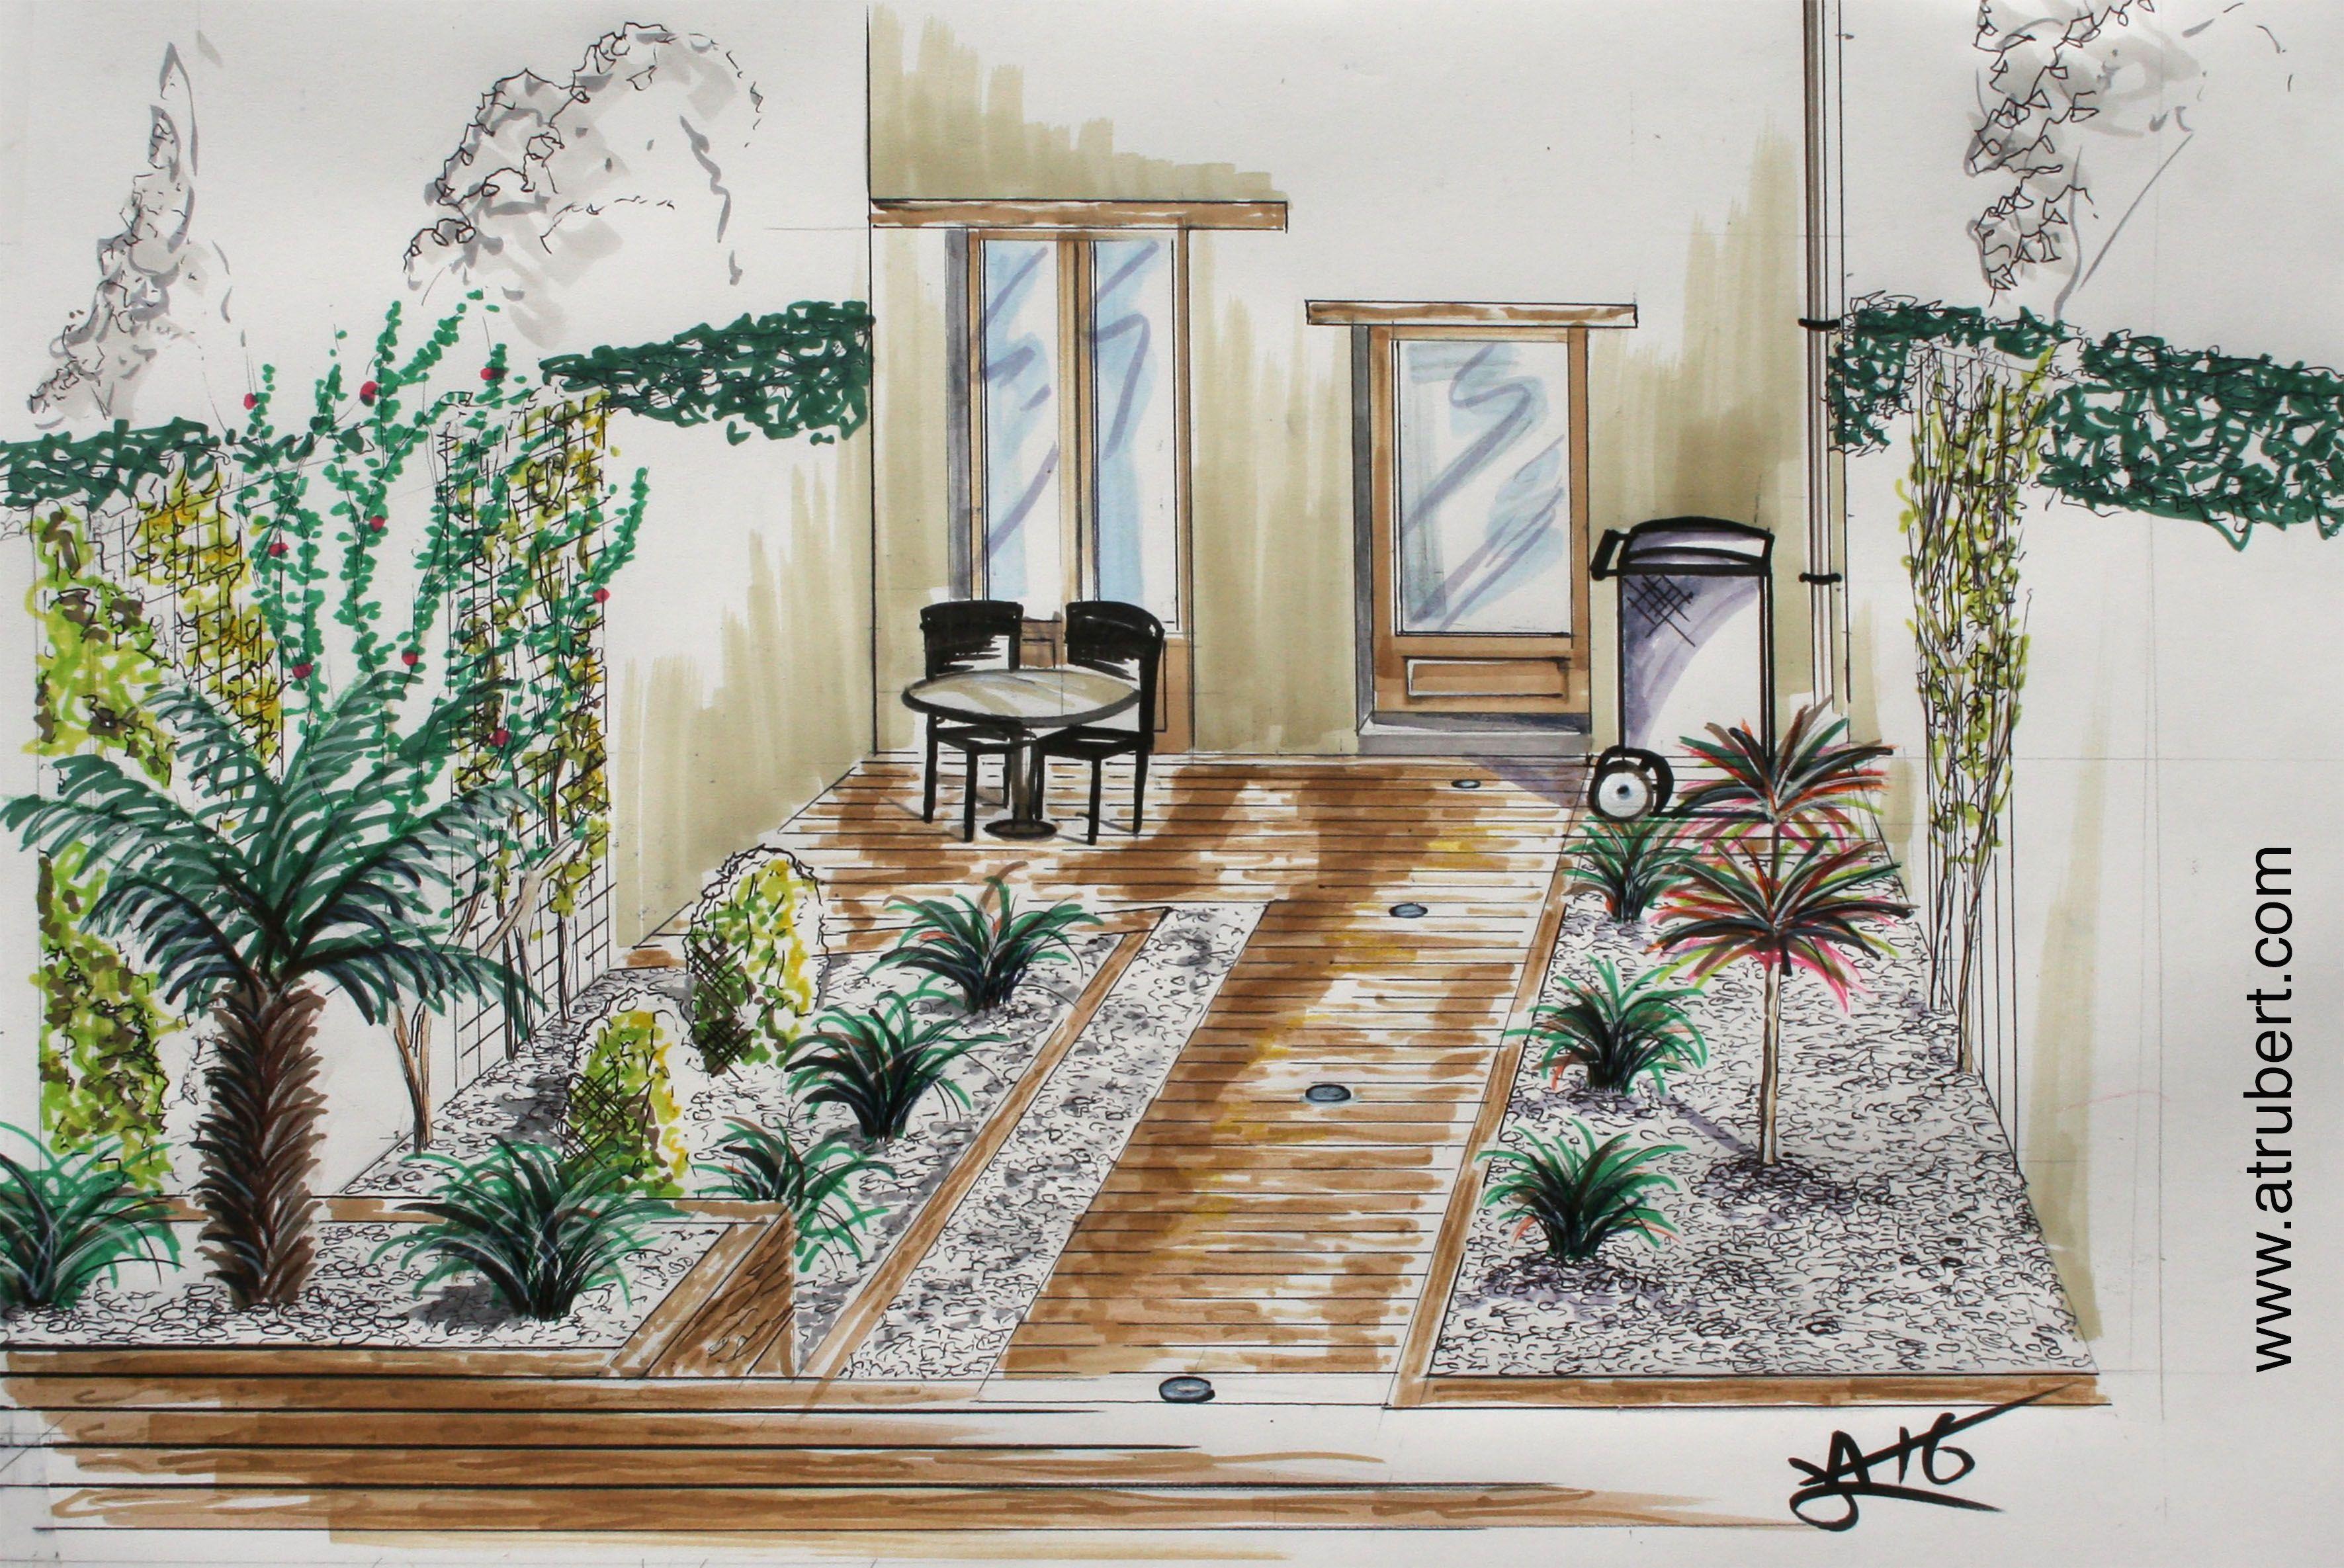 Architecte D Intérieur Decorateur dessin perspective - croquis paysage artiste : alexandre